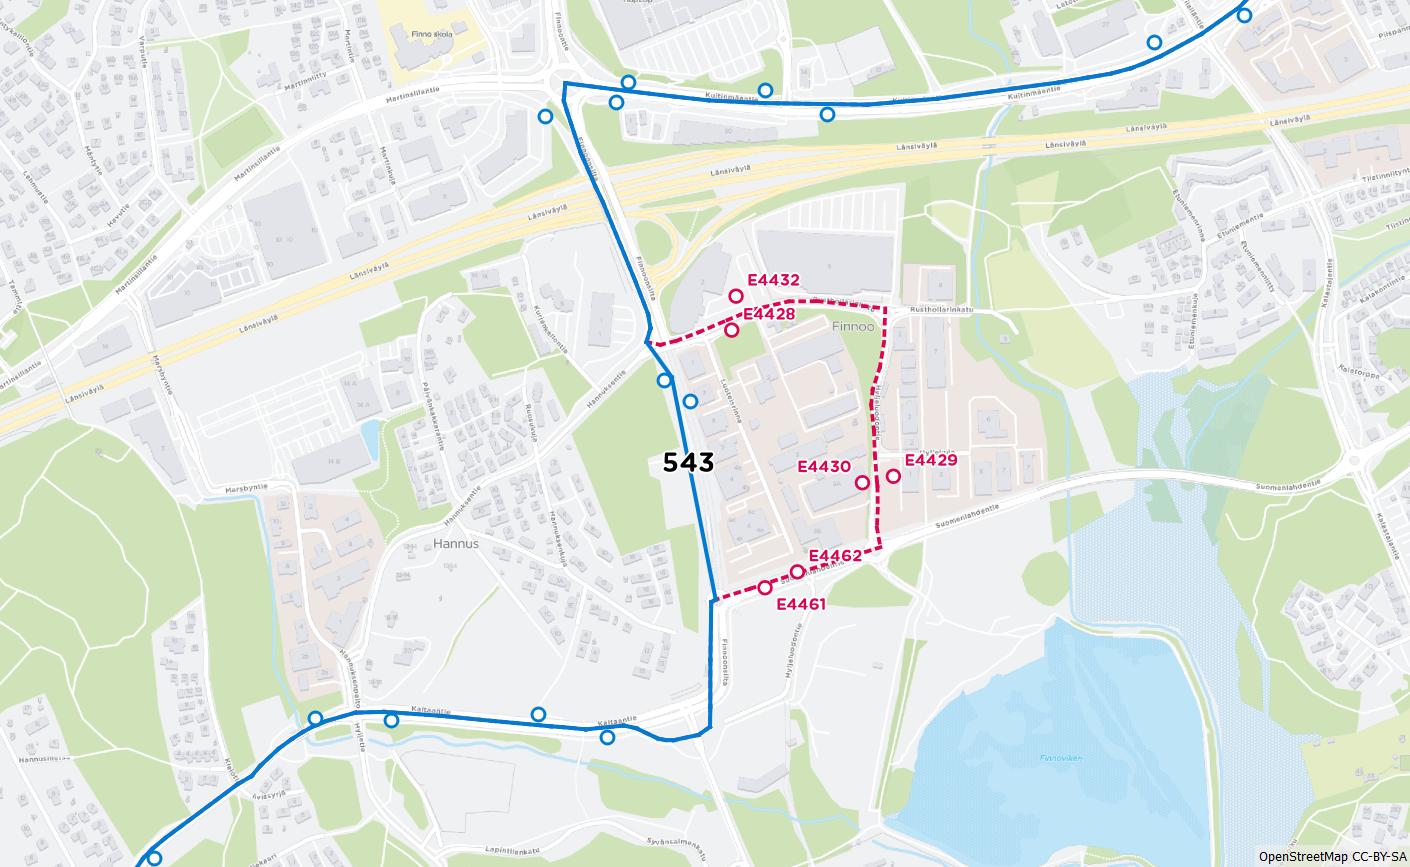 Kartta linjan 543 uudesta reitistä Finnoonsiltaa pitkin